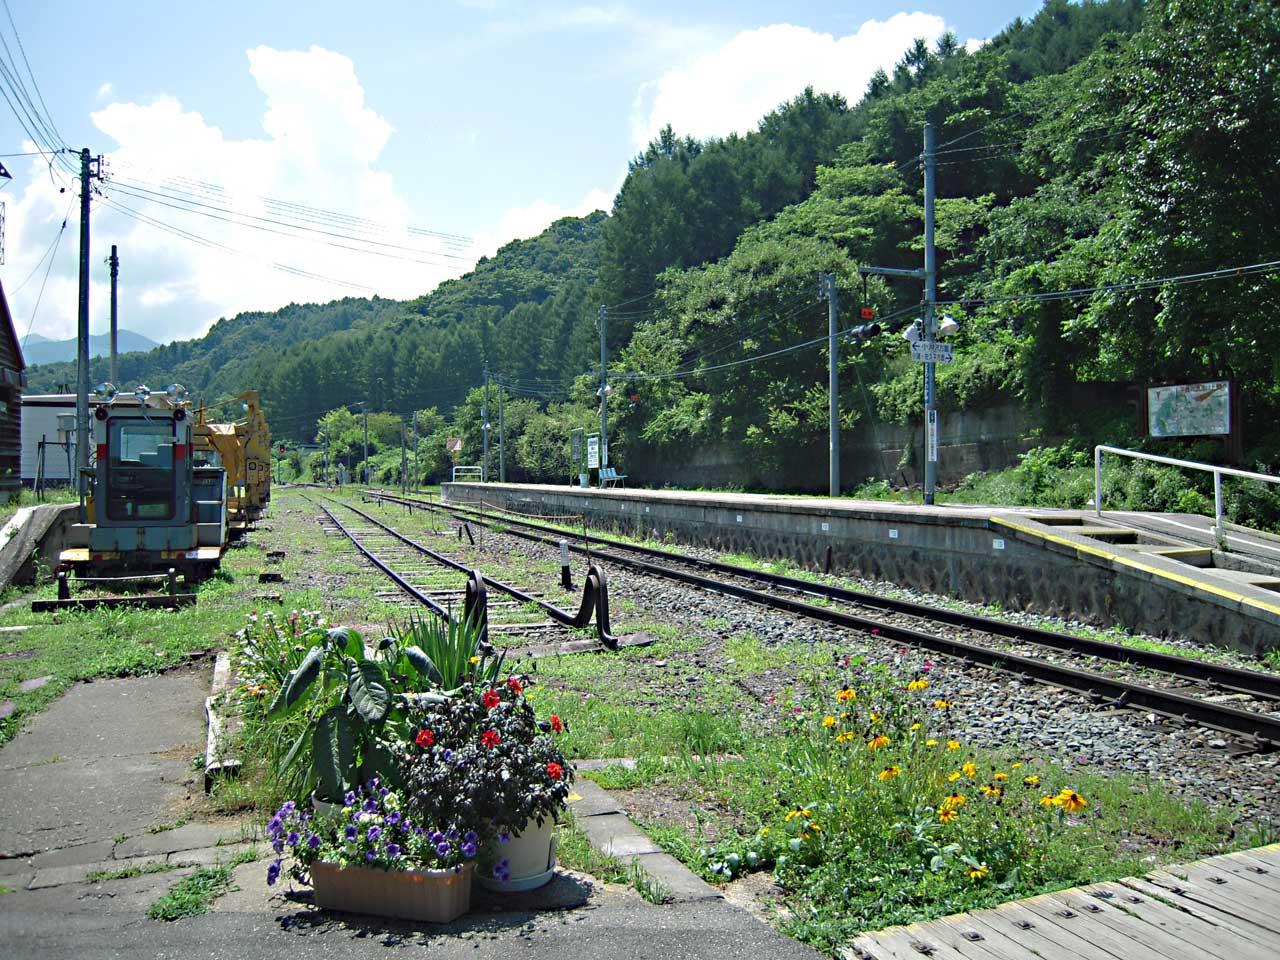 信濃川上駅 - Shinano-Kawakami StationForgot Password